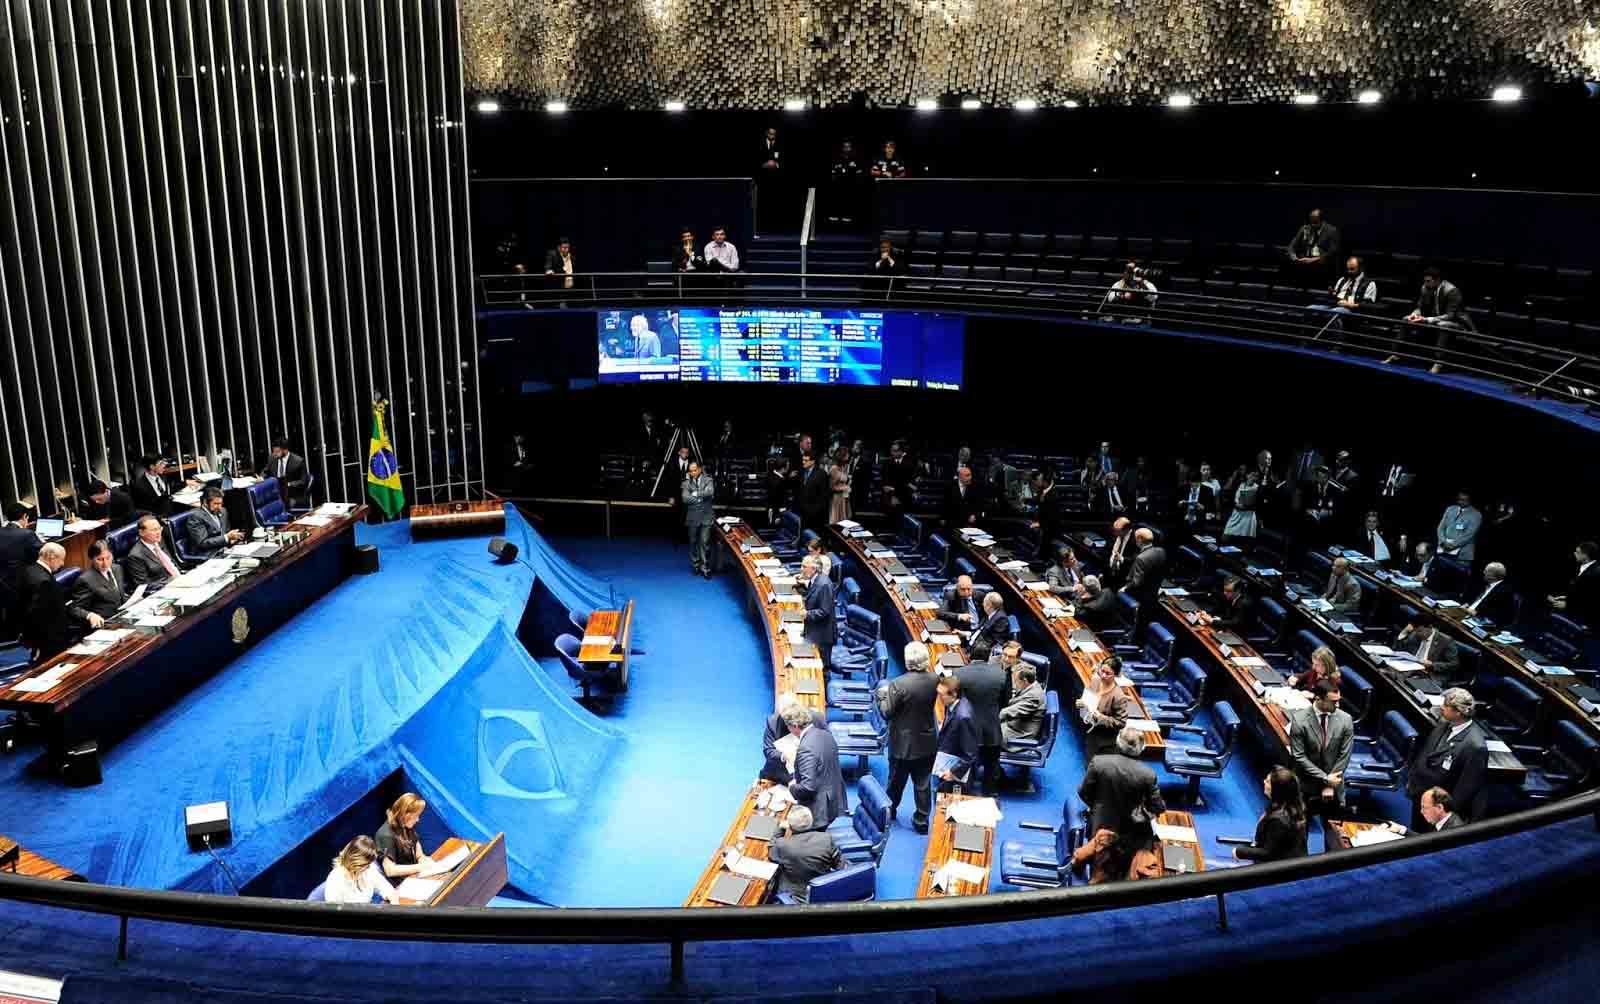 Con una mayoría contundente de 366 votos a favor contra 111 en contra se dio el visto bueno a ala reforma de gasto público